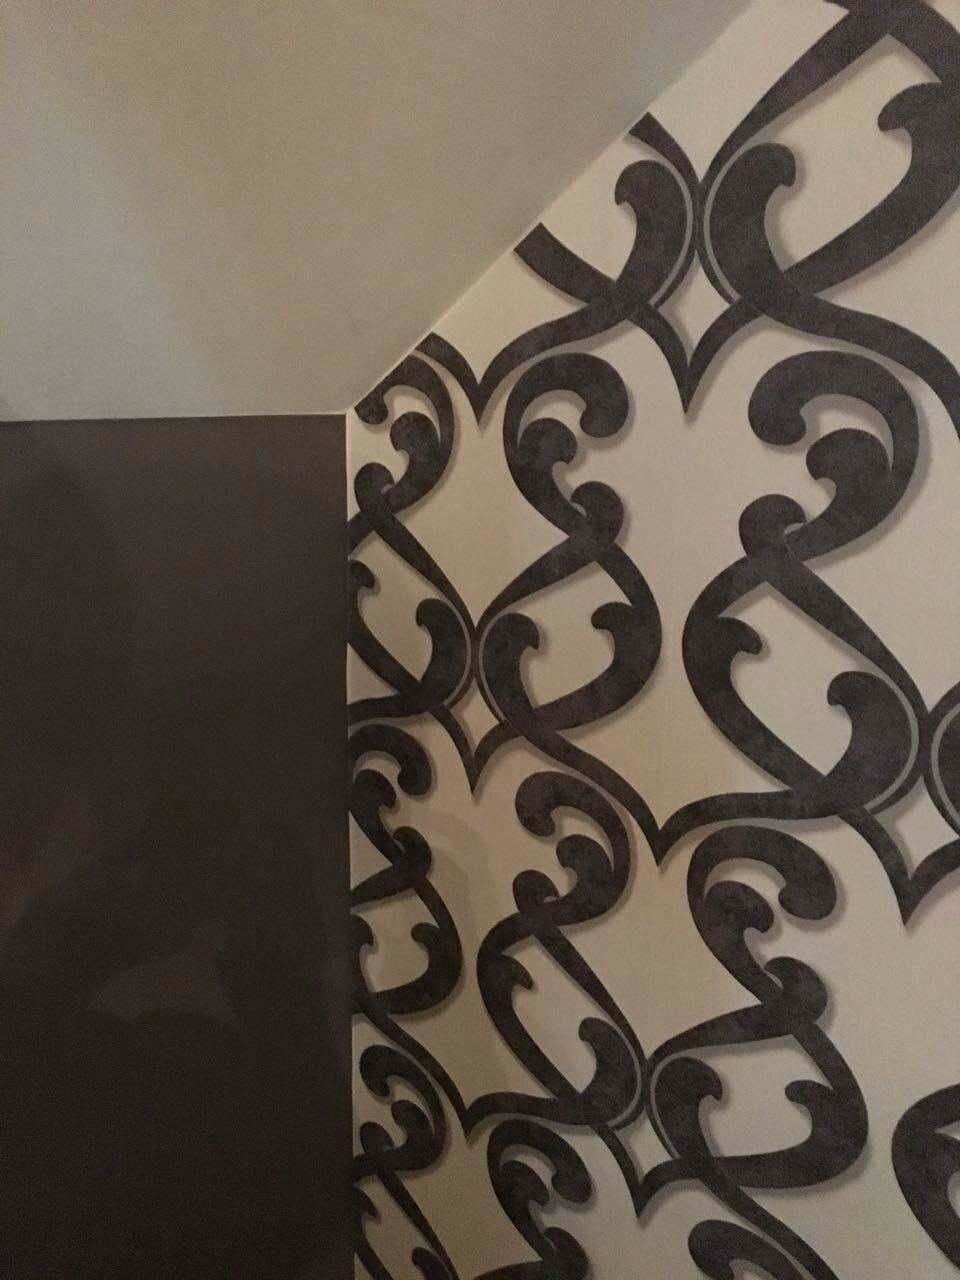 beispielprojekte tapezieren von malereifachbetrieb malchow. Black Bedroom Furniture Sets. Home Design Ideas